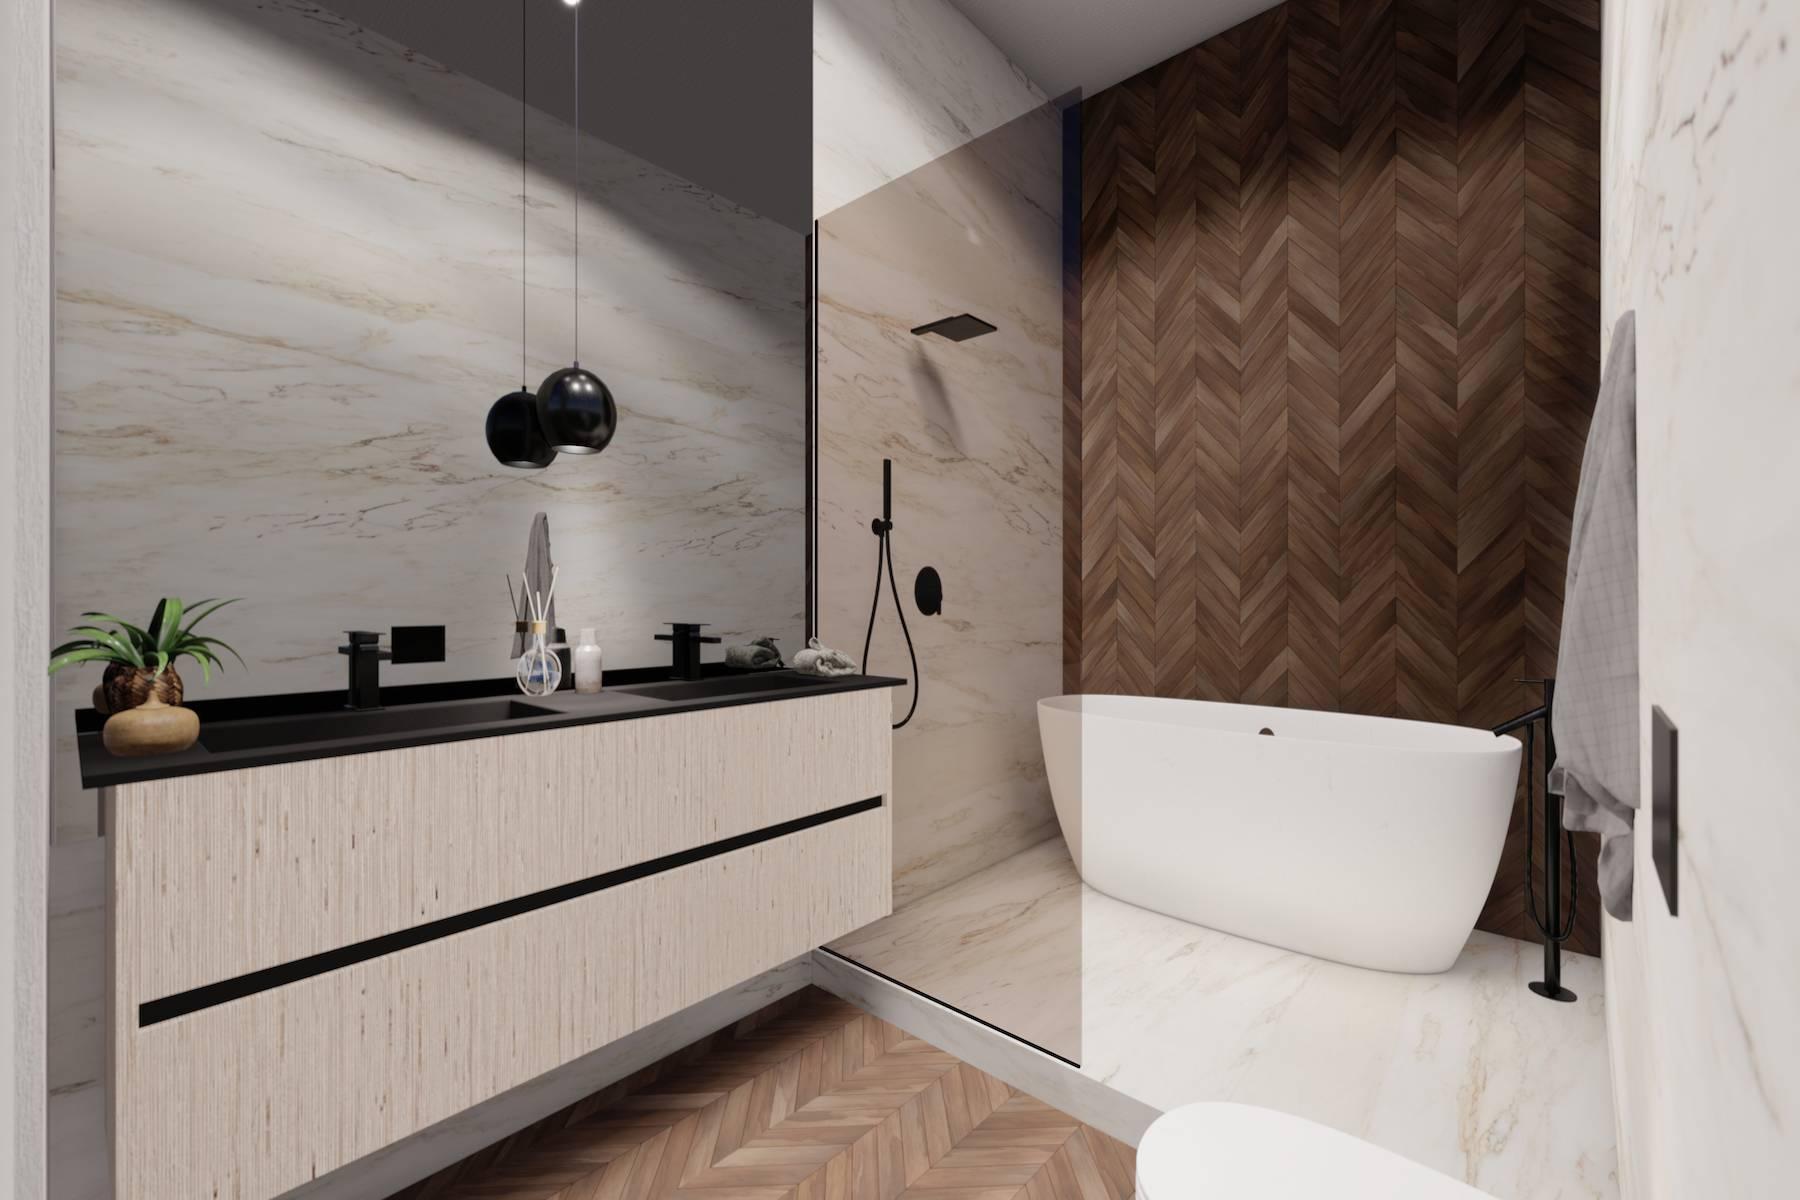 Luxus-Wohnung am Meer in Viareggio - 3